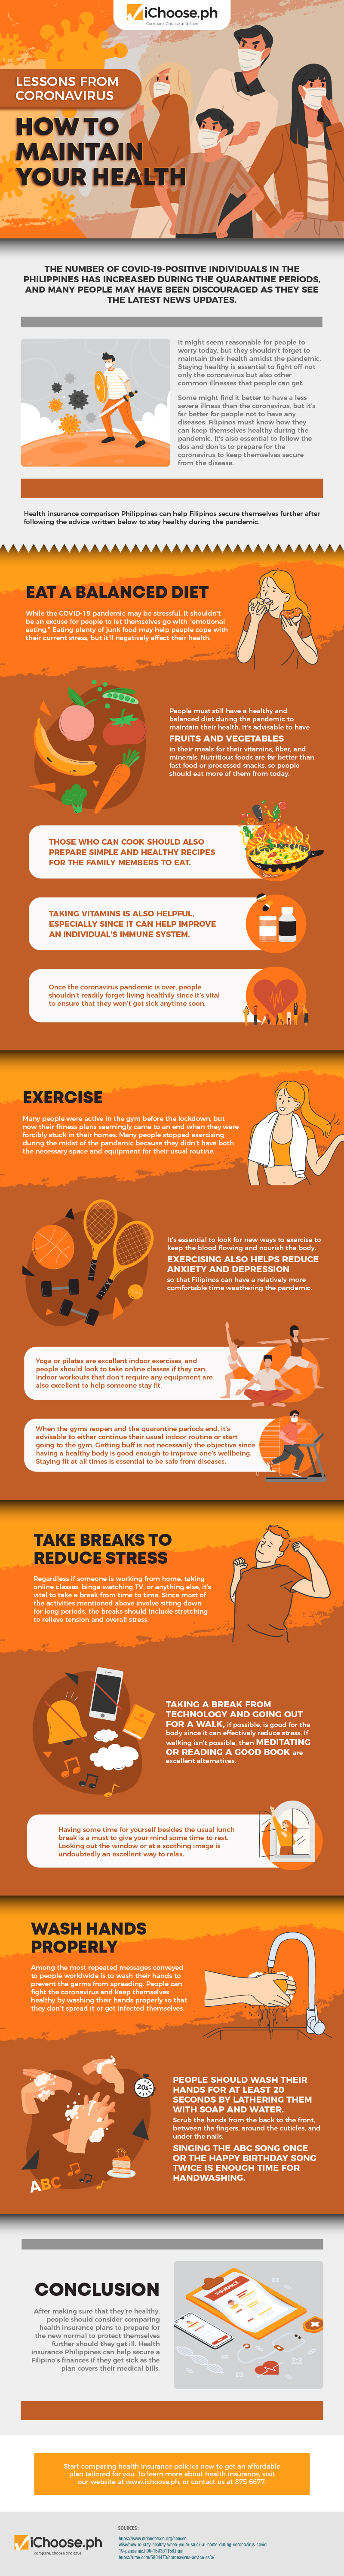 Lessons from Coronavirus